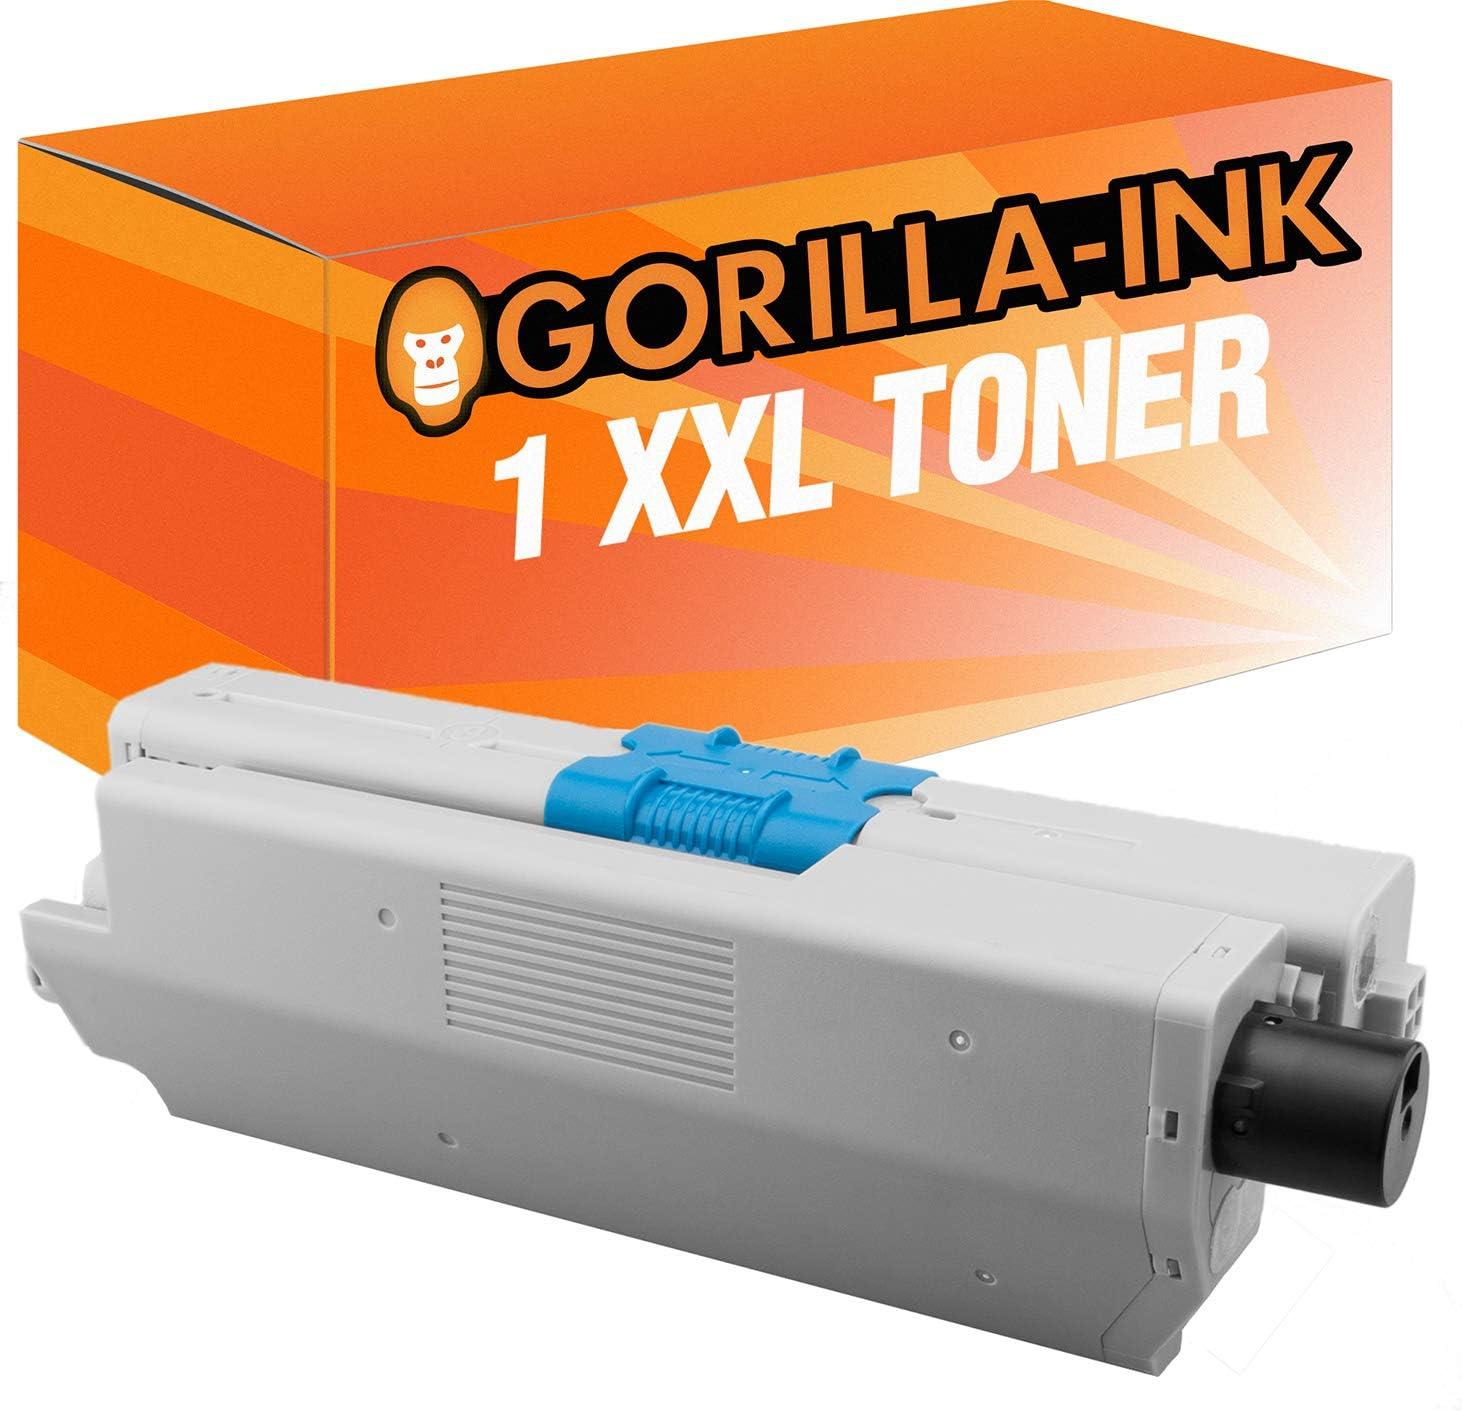 Gorilla-Ink 1 Toner Negro Compatible para OKI C-332 C332 C 332 ...